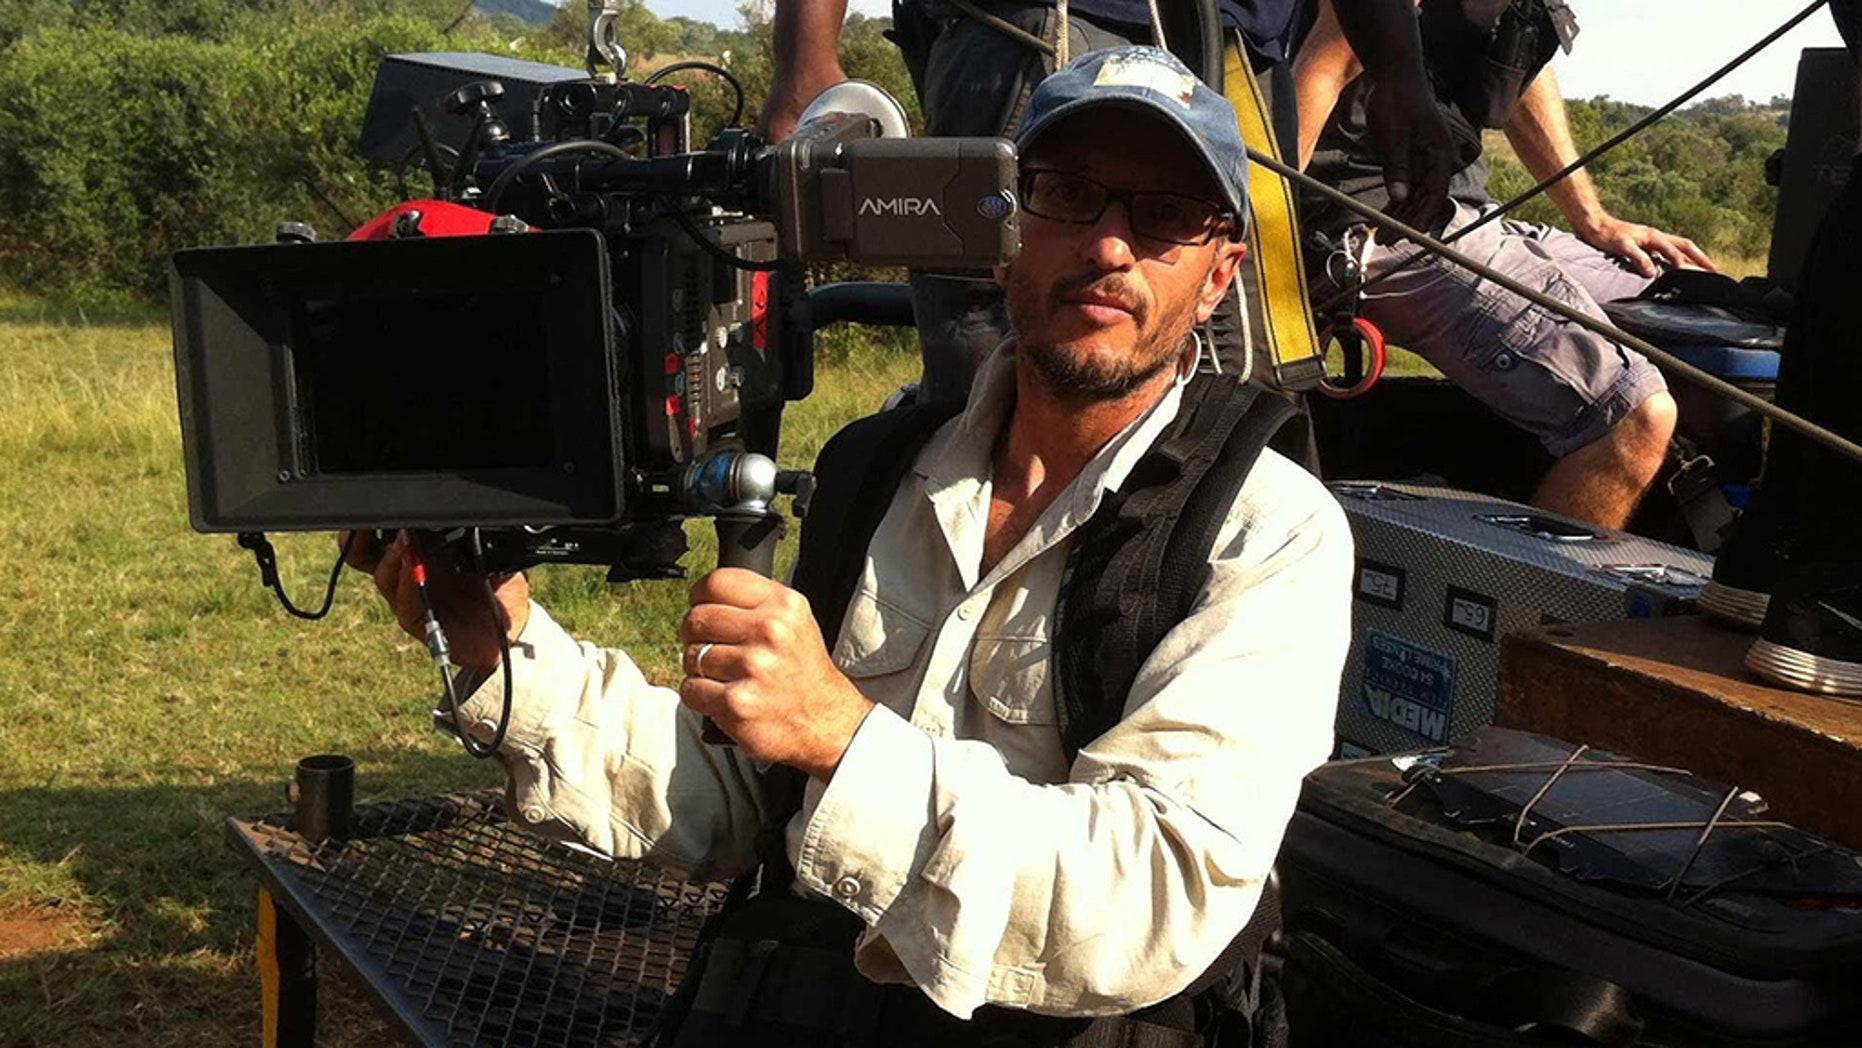 IMG CARLOS CARVALHO, Filmmaker